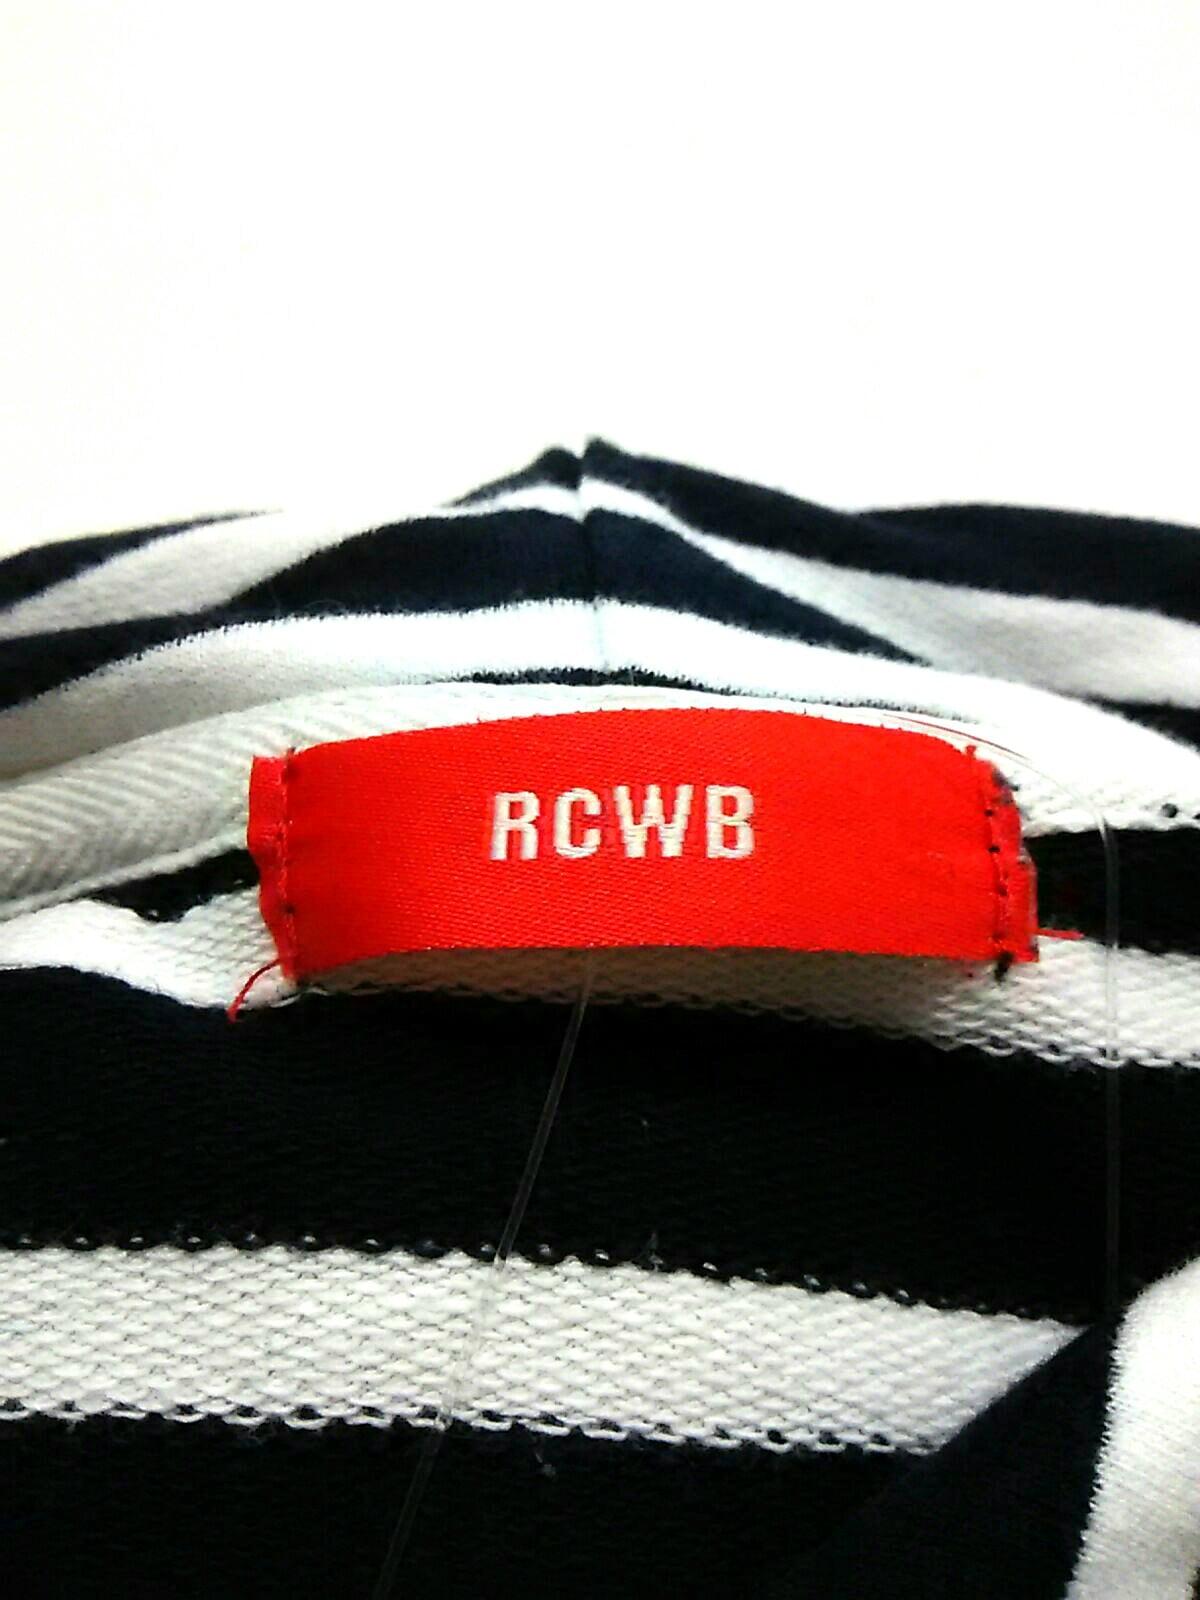 RCWBRODEOCROWNSWIDEBOWL(ロデオクラウンズ)のワンピース